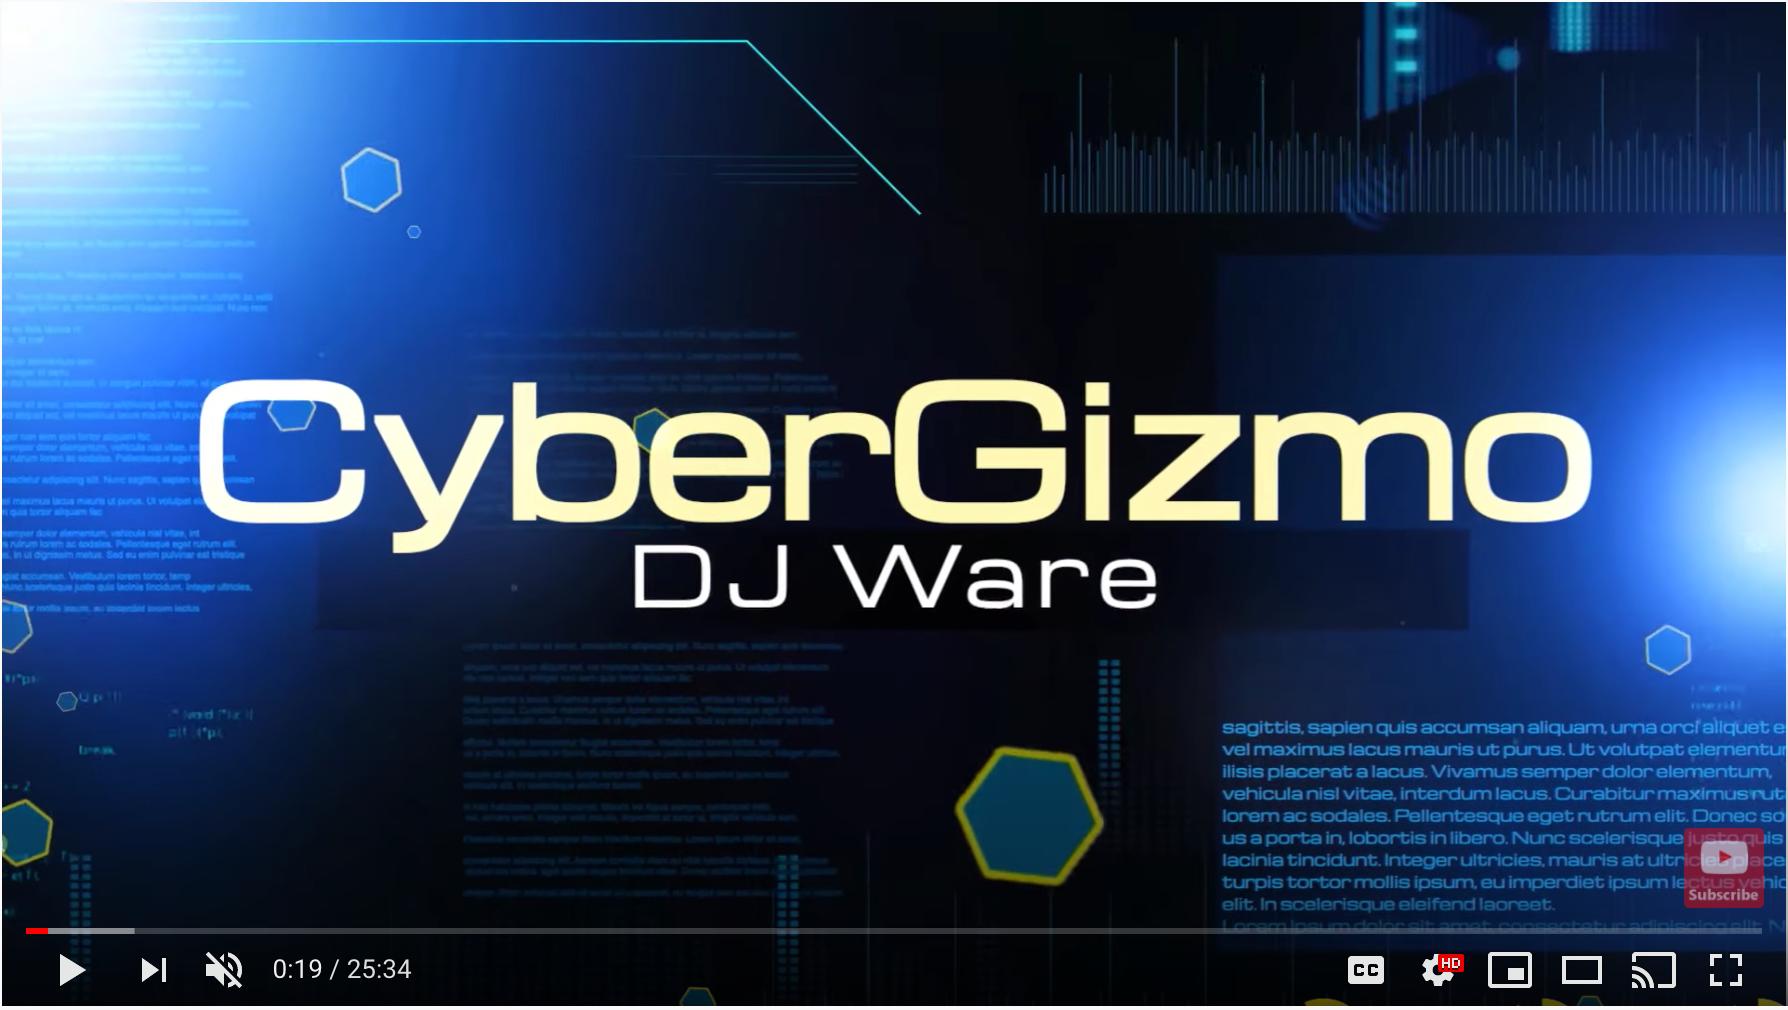 RISC-V Update for September 2020 | DJ Ware (YouTube)